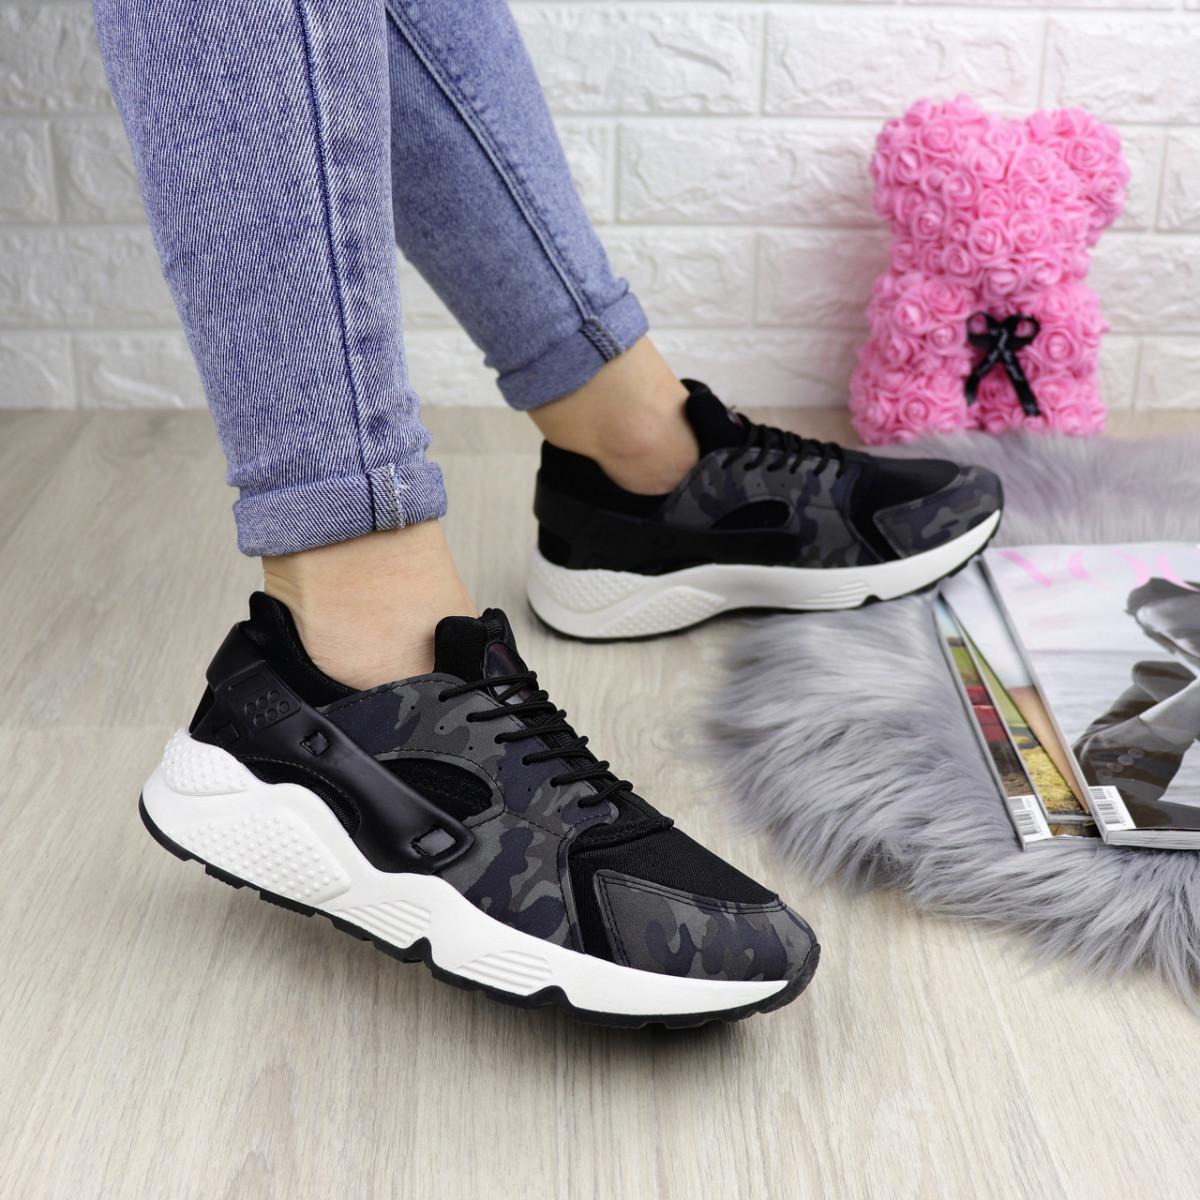 Женские стильные кроссовки Peggy черные 1095